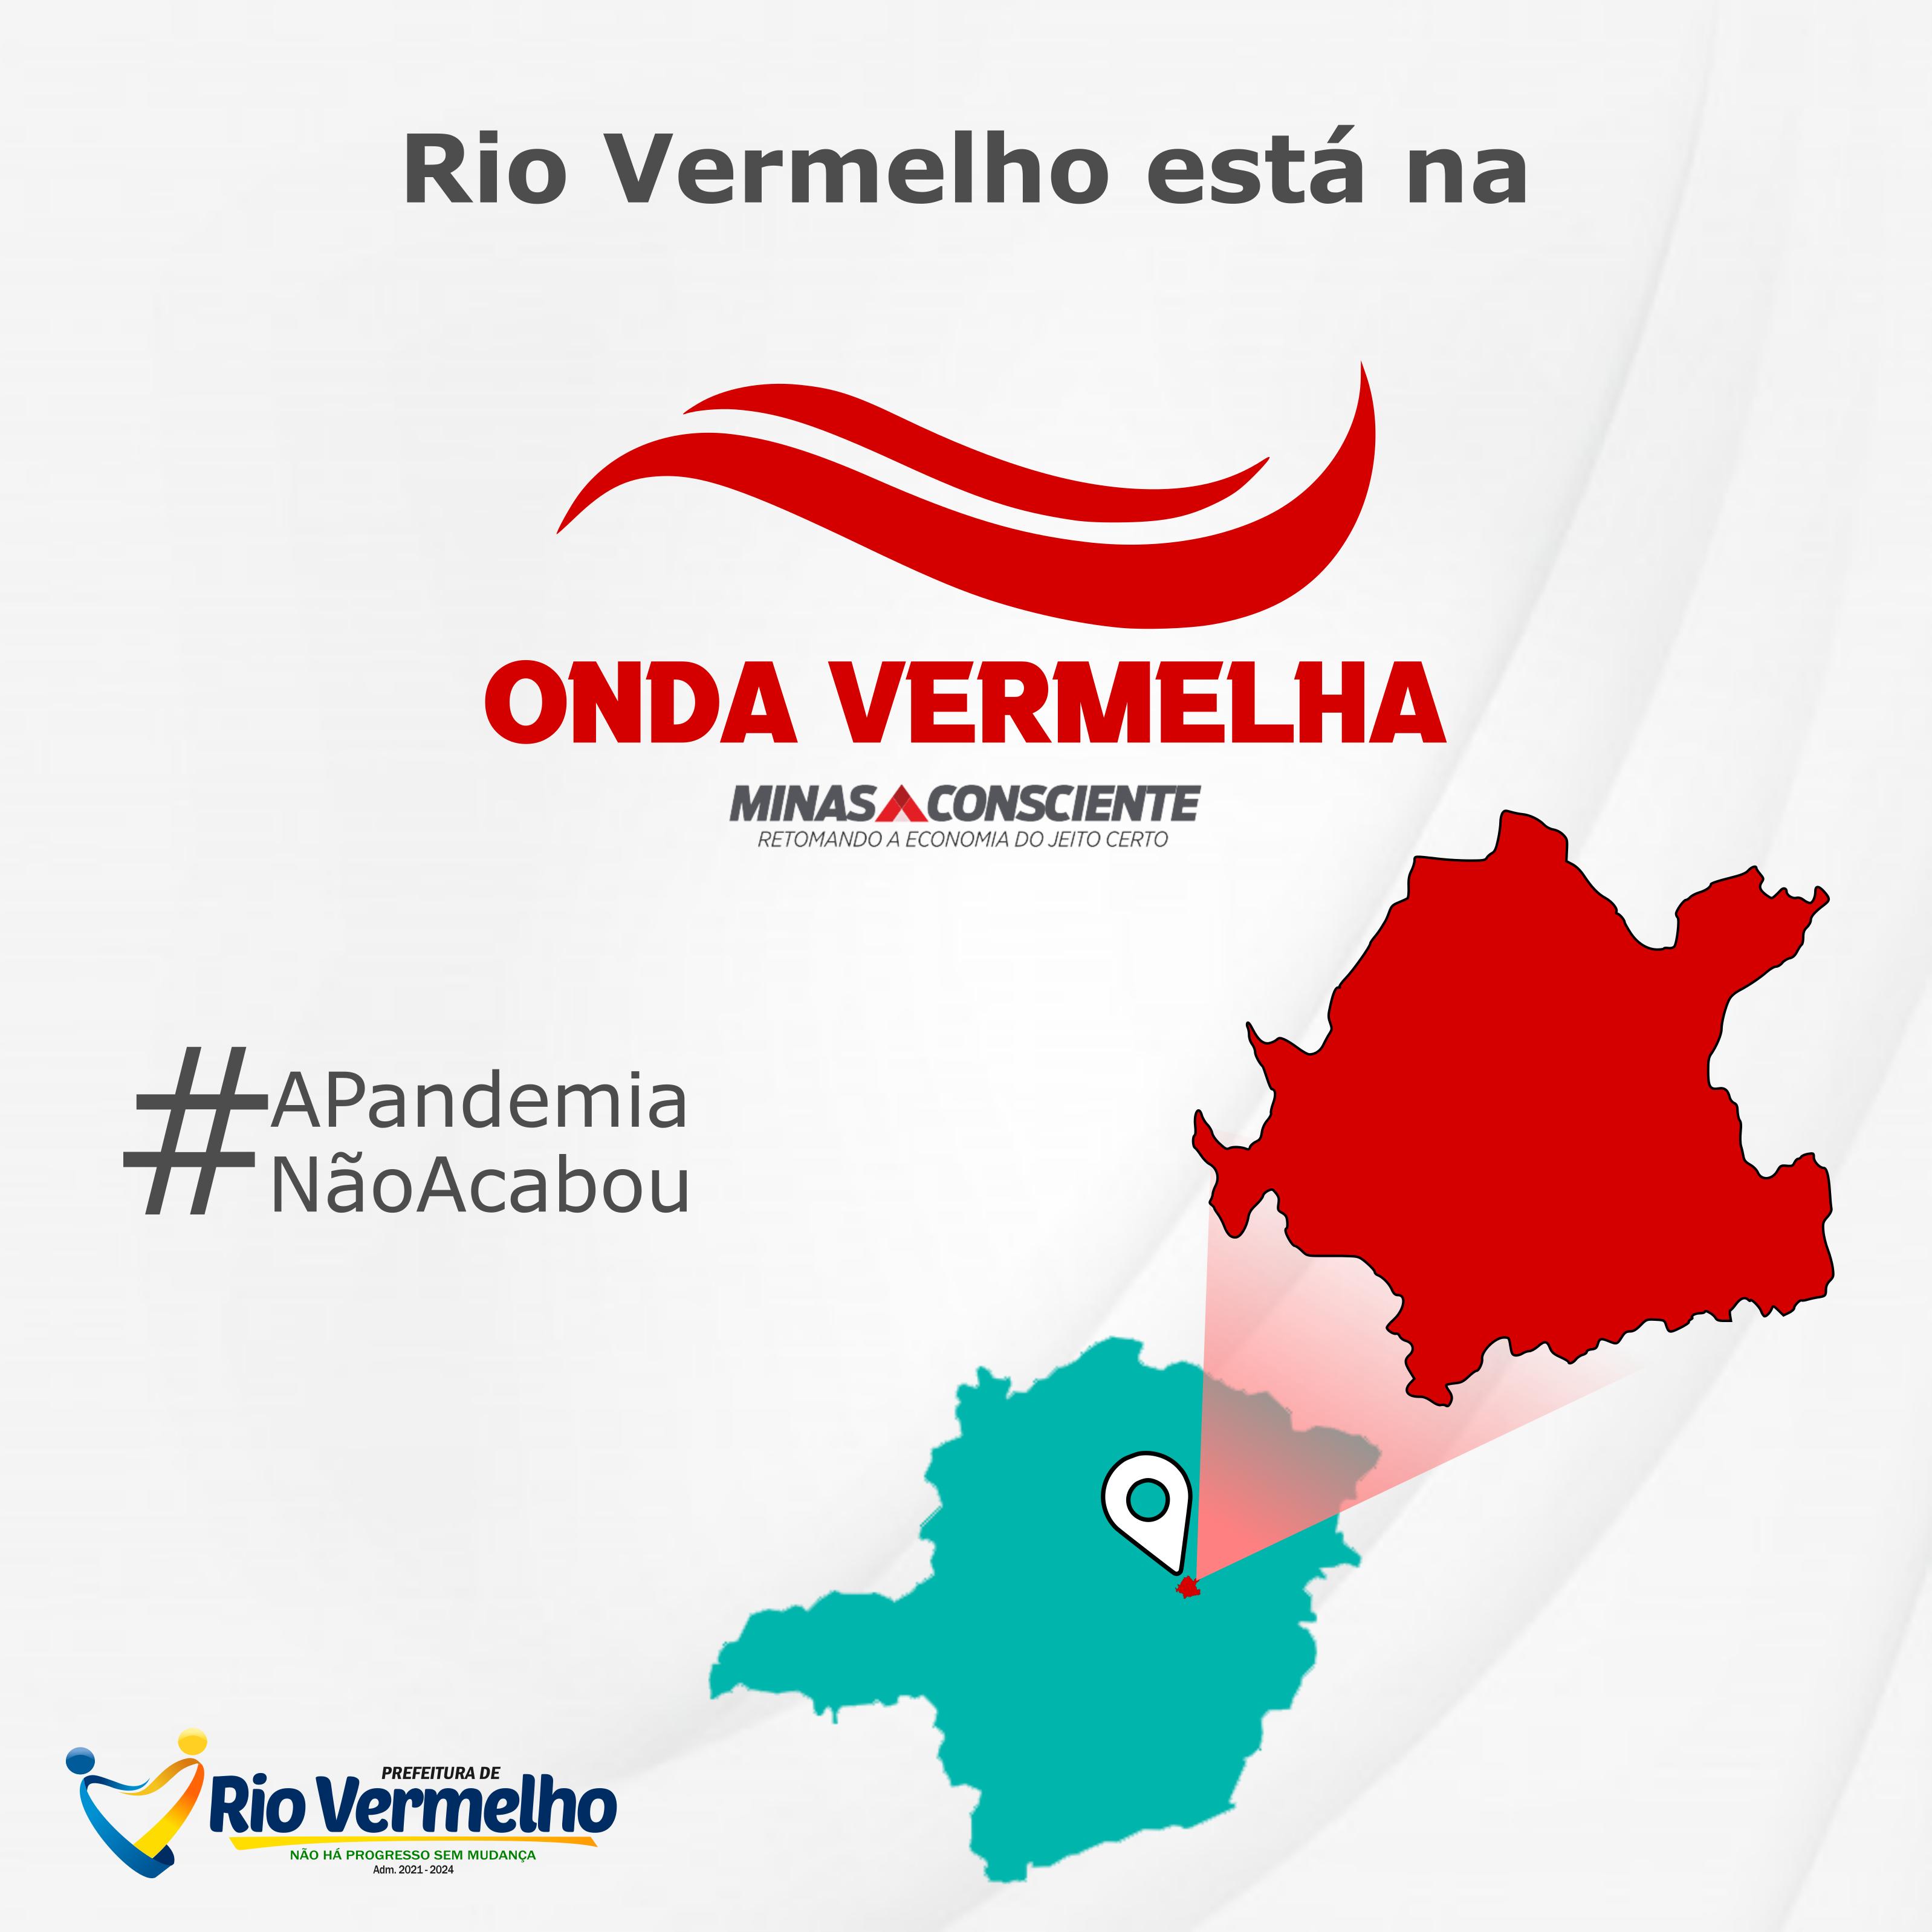 """MUNICÍPIO DE RIO VERMELHO MIGRA PARA A """"ONDA VERMELHA"""""""